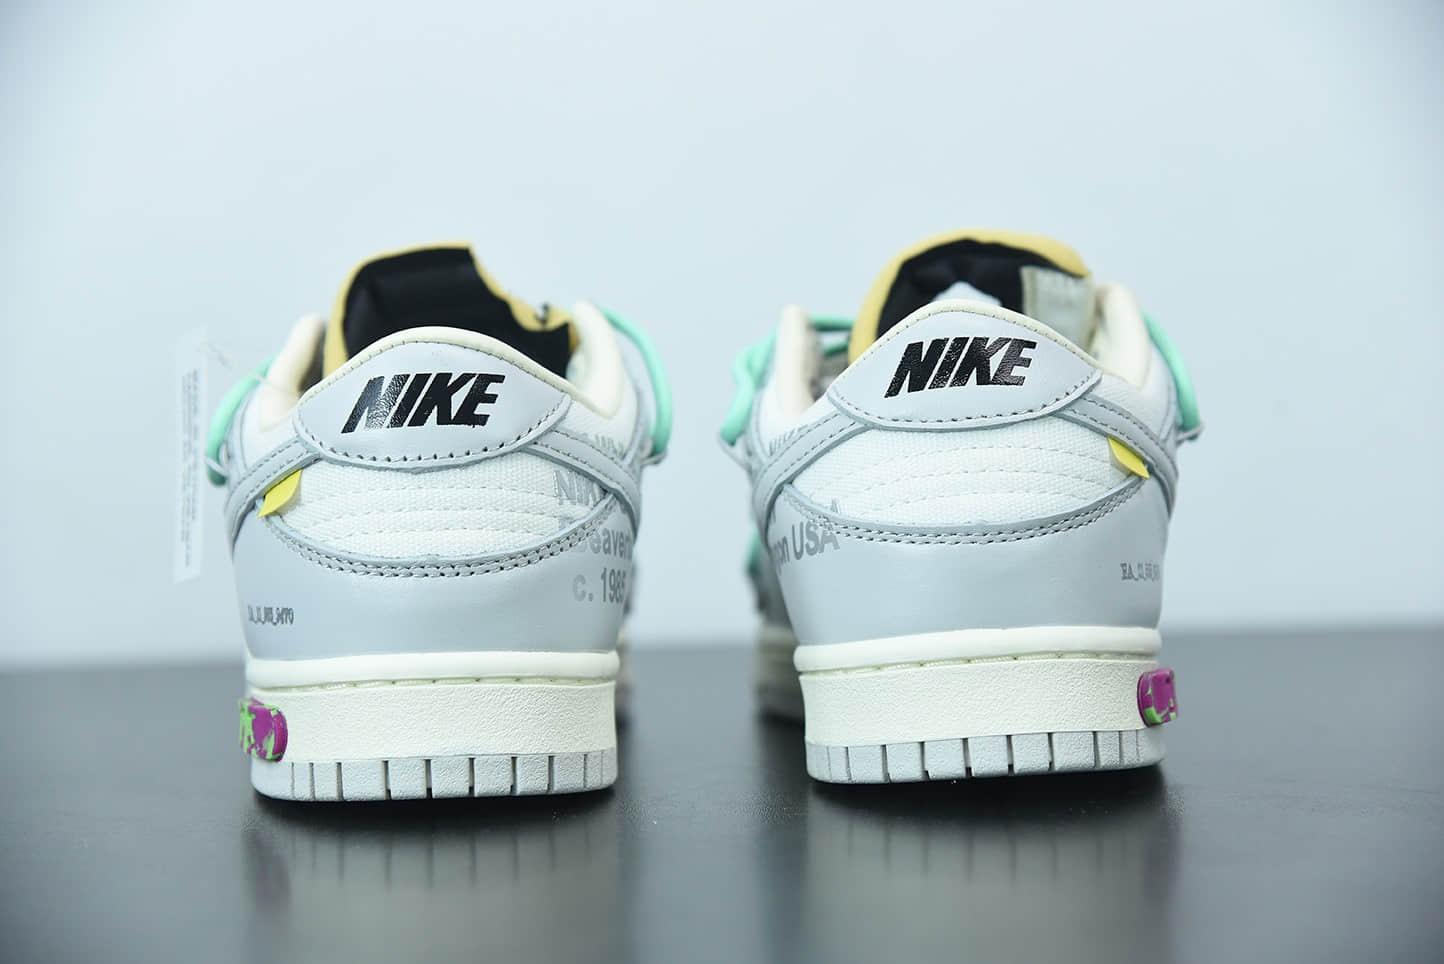 """耐克0ff-White x NIke Dunk Low""""04 of 50"""" OW 白灰色扣篮系列低帮经典百搭休闲运动板鞋纯原版本 货号:DM1602-114"""